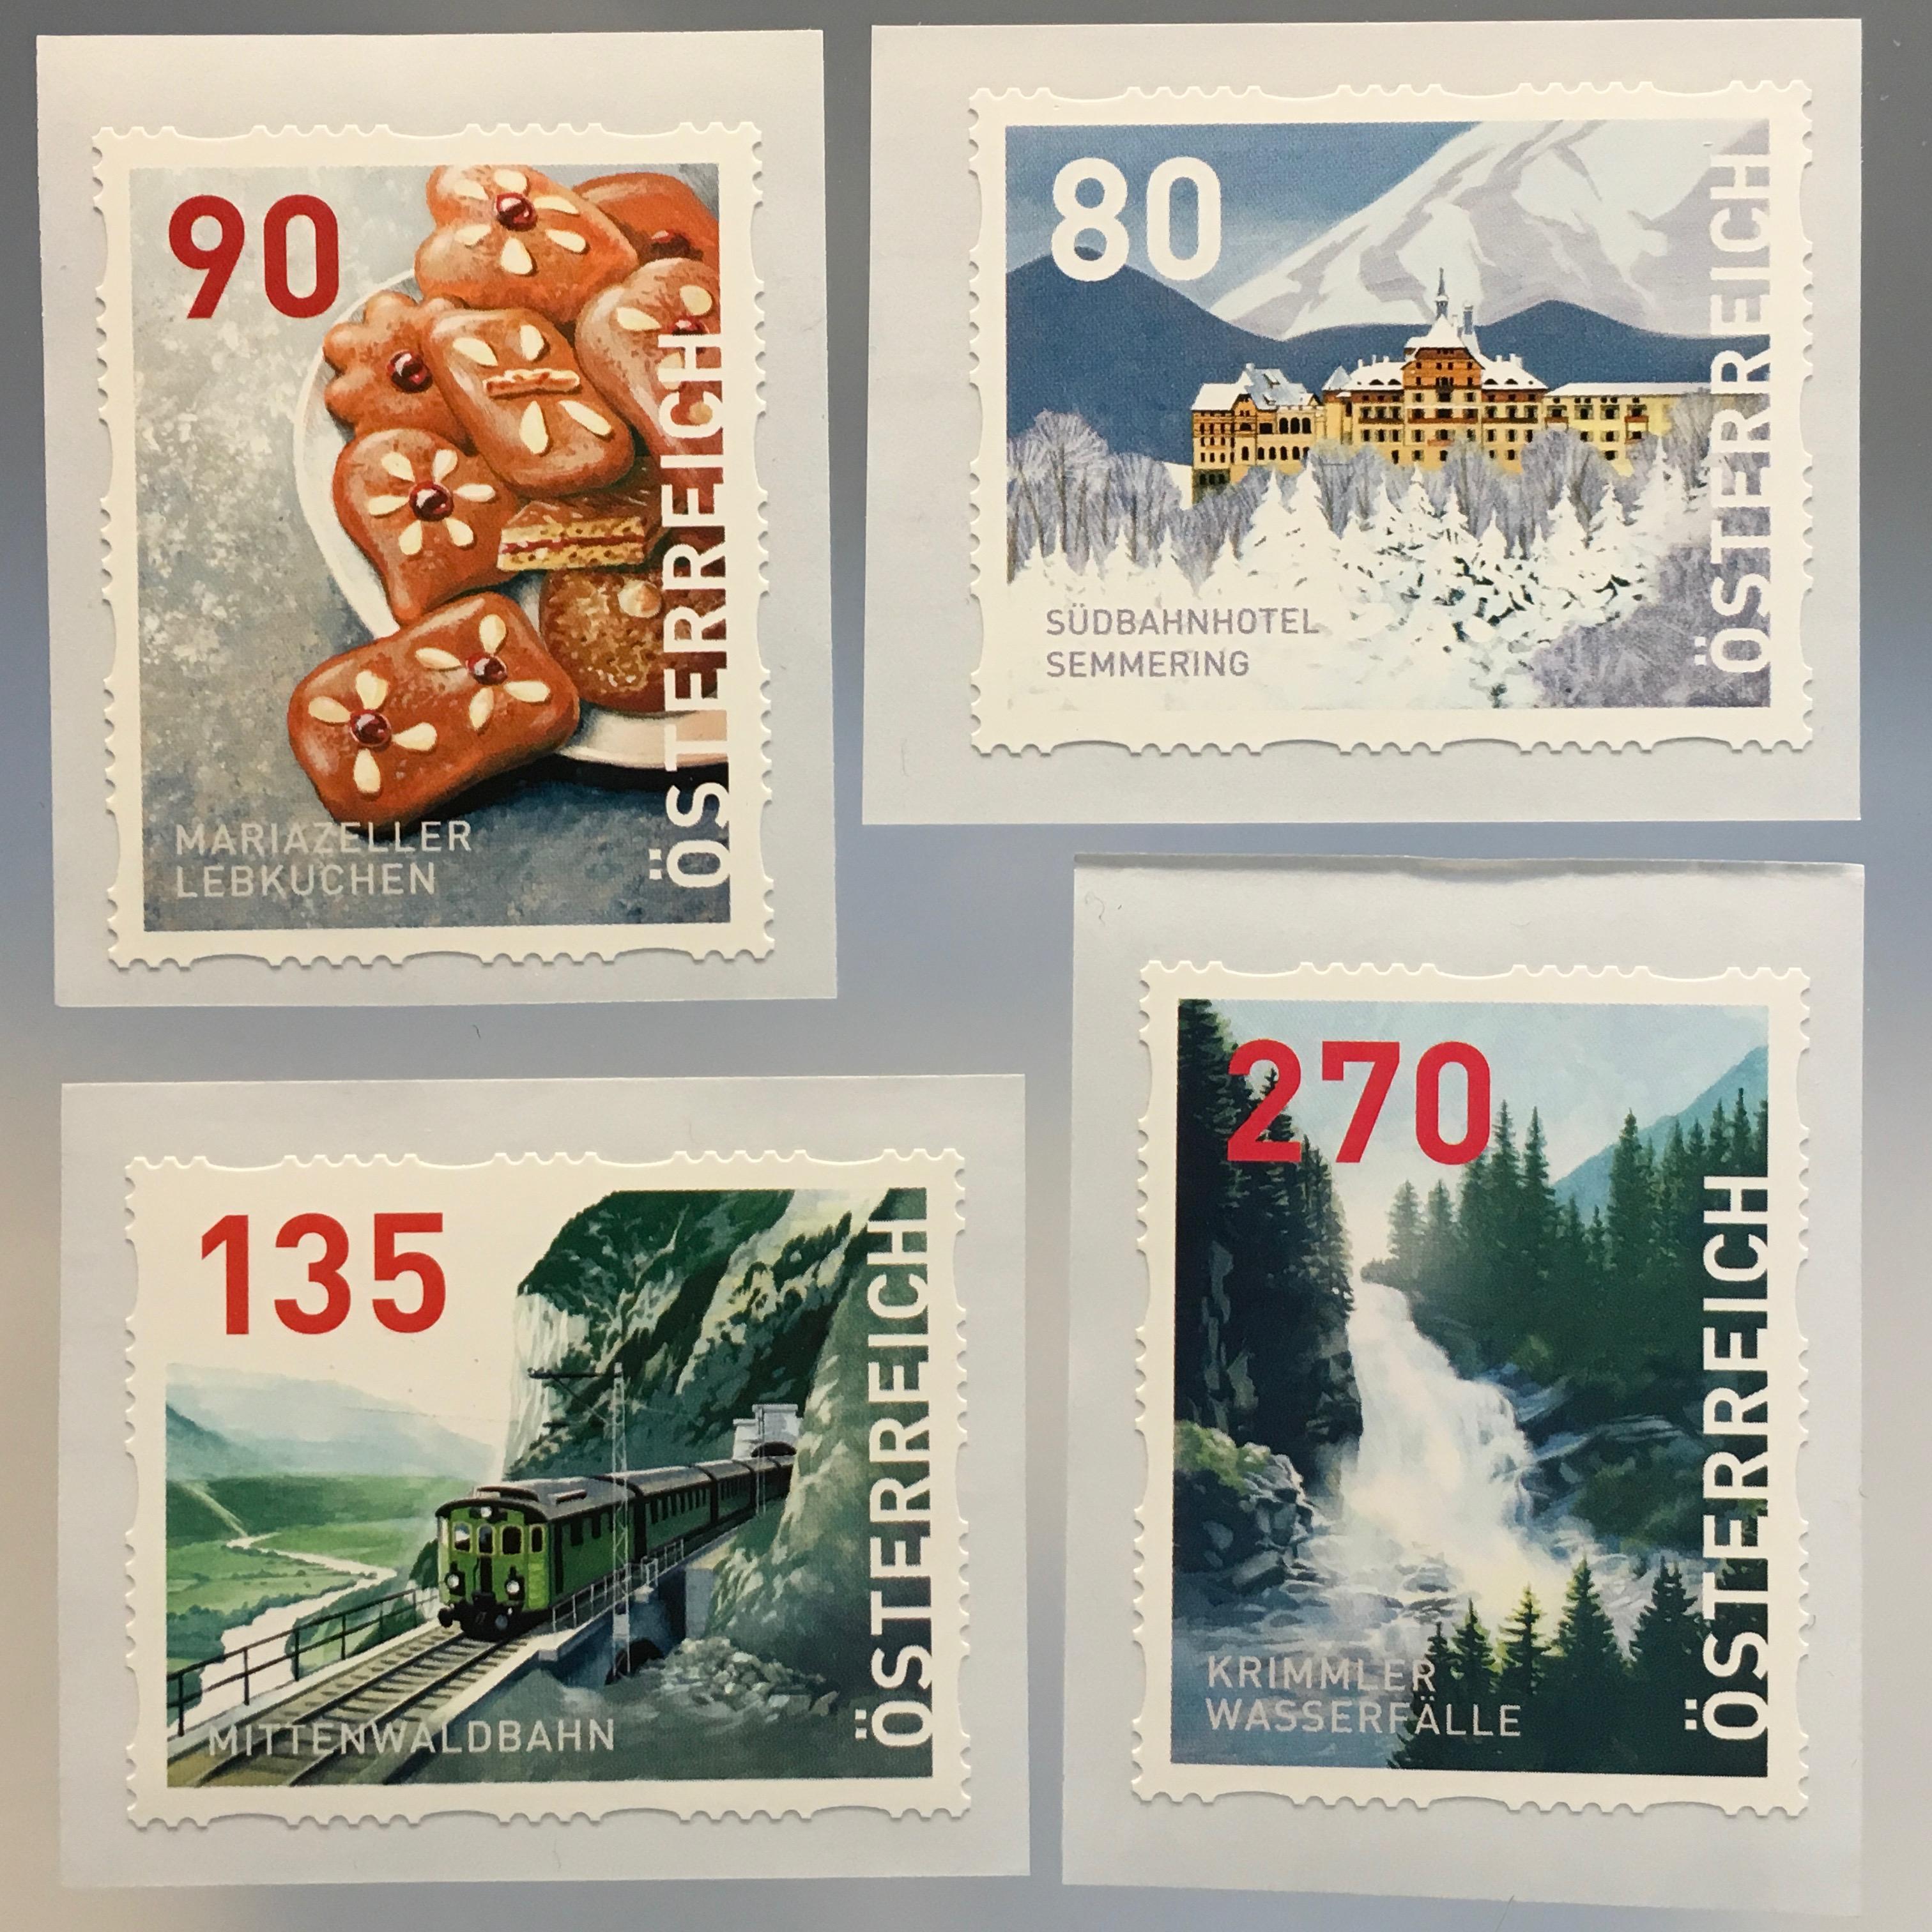 Rumänien Michelnummer 2940-2945 Postfrisch europa:10472 Briefmarken Rumänien